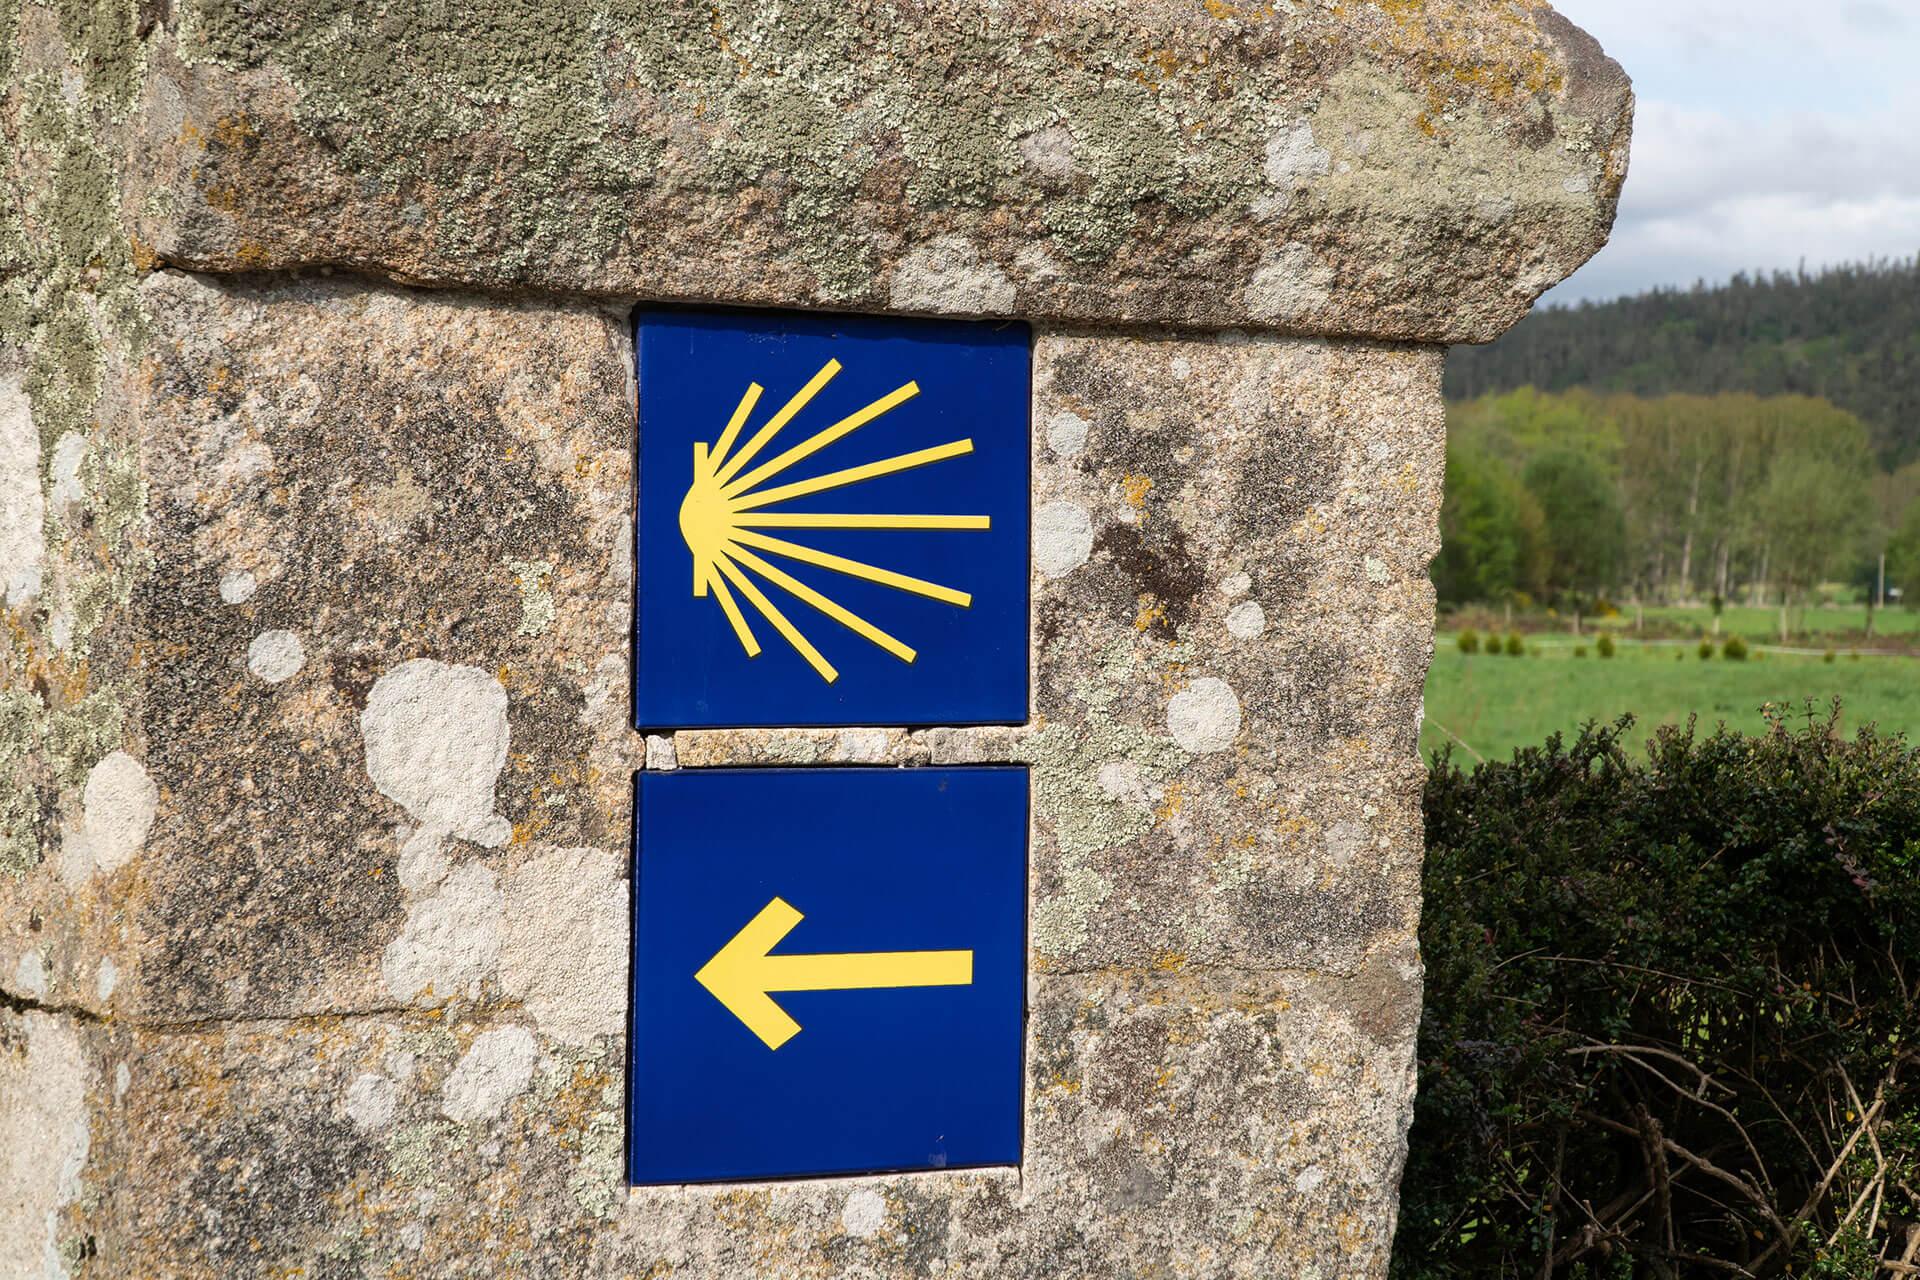 Pilgerweg-Plakette an einer Wand